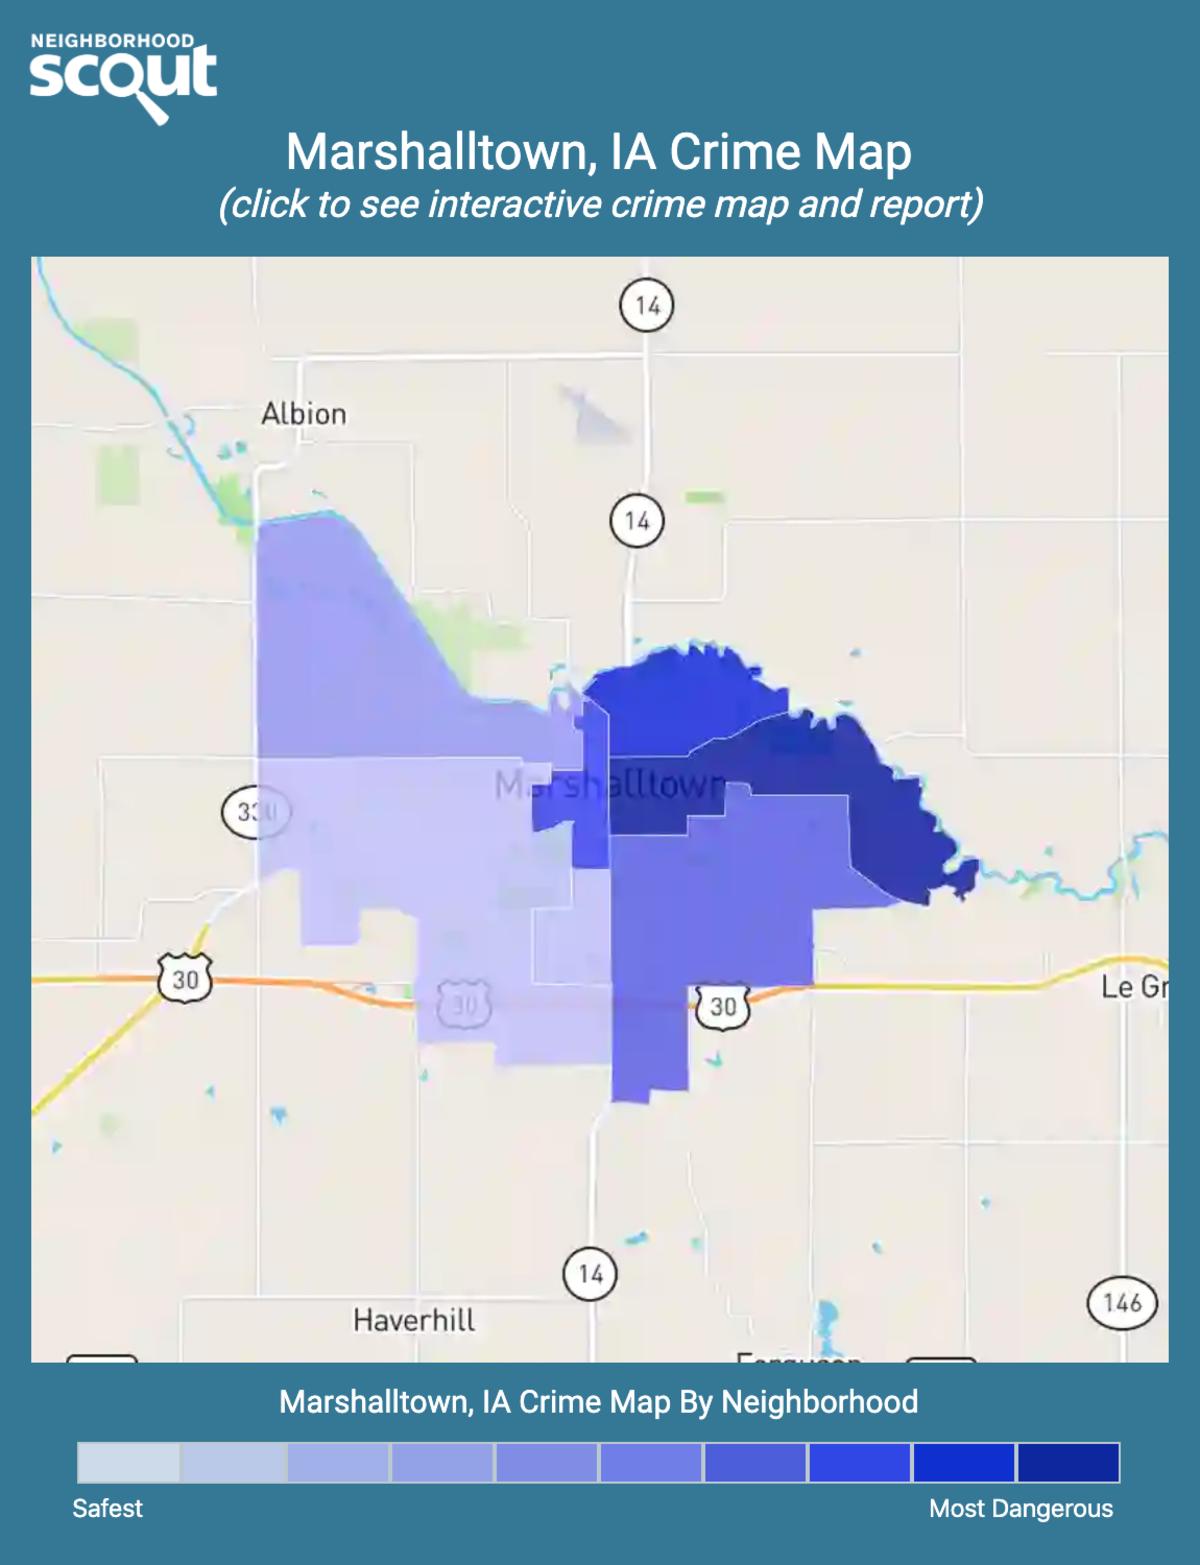 Marshalltown, Iowa crime map